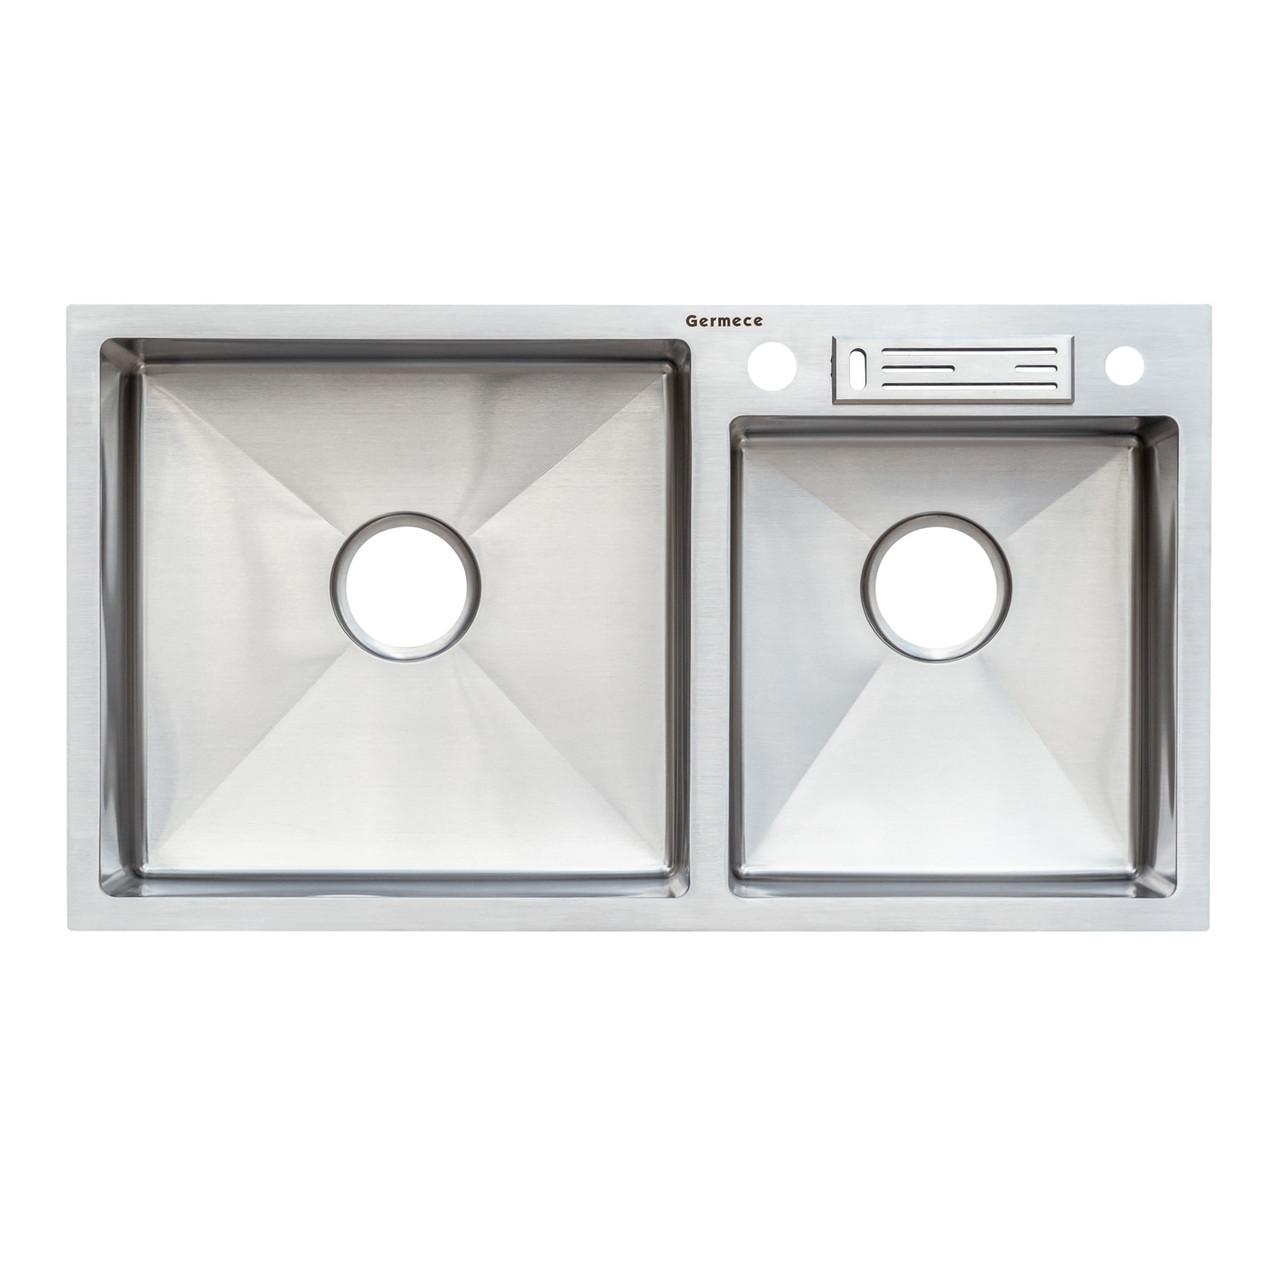 Кухонная мойка на две чаши Germece Handmade 8245/230 с подставкой для ножей 3.0/1.2 мм